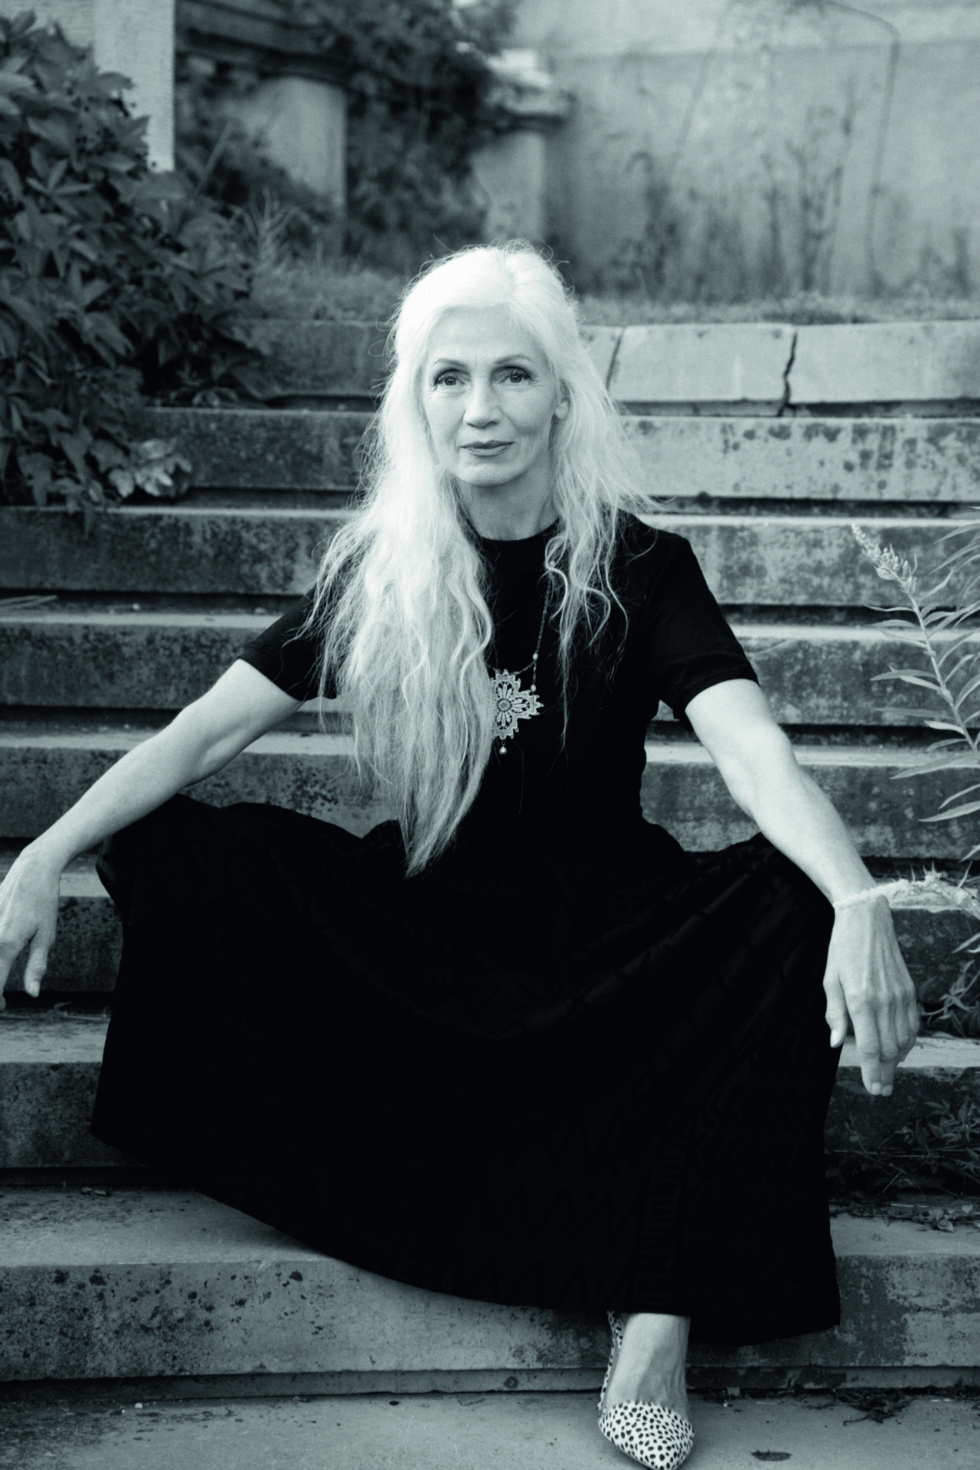 INGMARI LAMY (70): Svensk. Begynte som modell i 60-årene og er registrert i en mengde modellbyråer over hele Europa. Hun jobber også med healing og kroppsterapi. - Jeg har alltid vært komfortabel med meg selv, en sterk selvfølelse er kilden til både inder og ytre skjønnhet, har hun sagt til Odalisquemagazine.com. Foto: Sandra Myhrberg